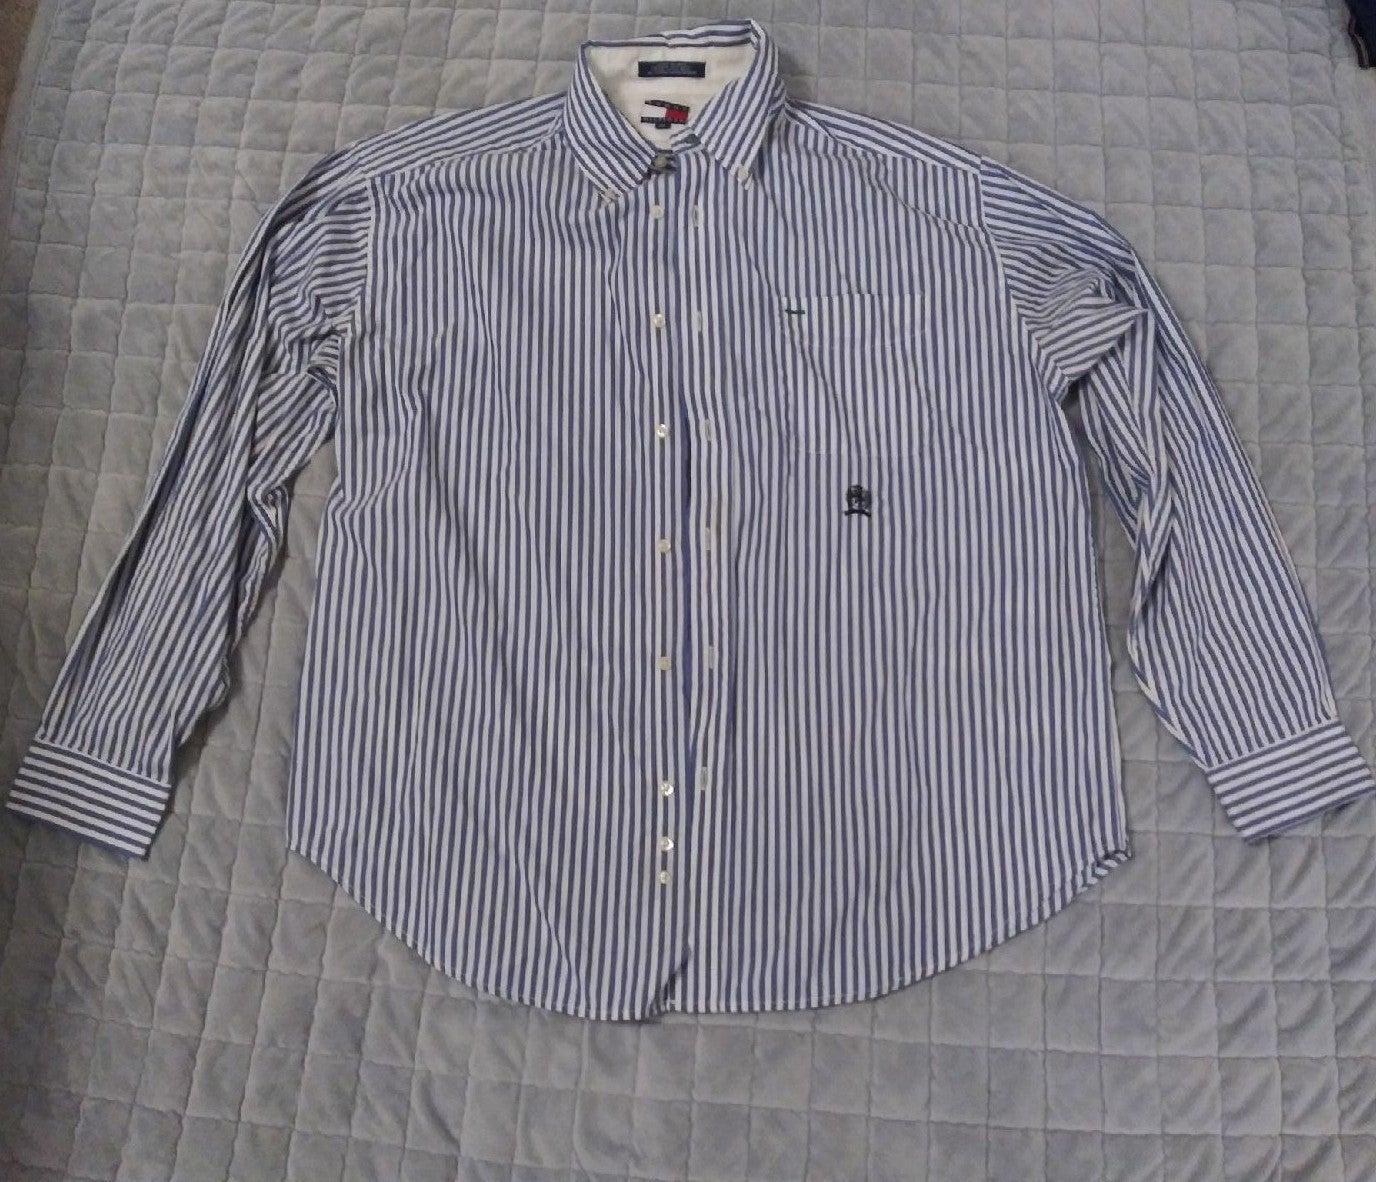 Striped shirt for men